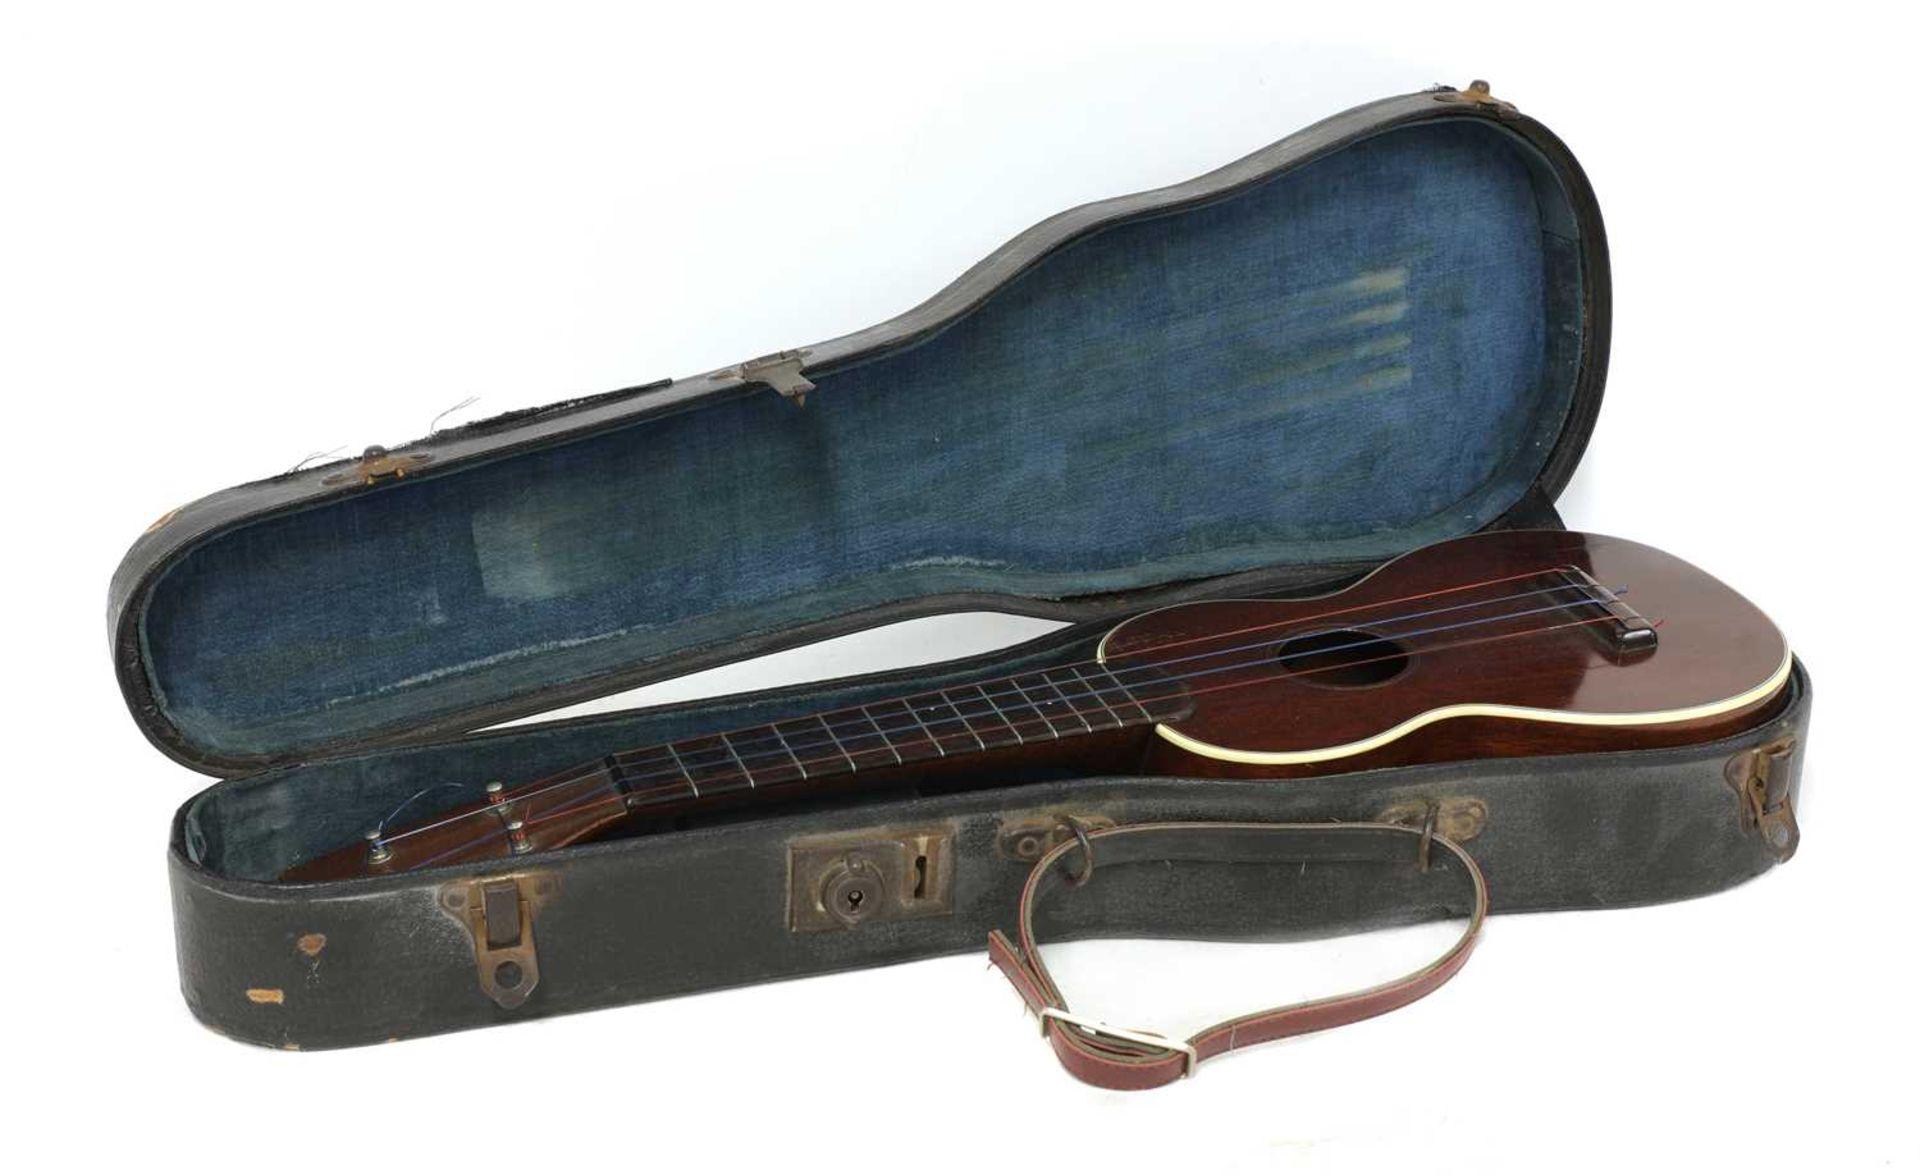 A Martin & Co. Style 2 ukulele, - Image 5 of 7